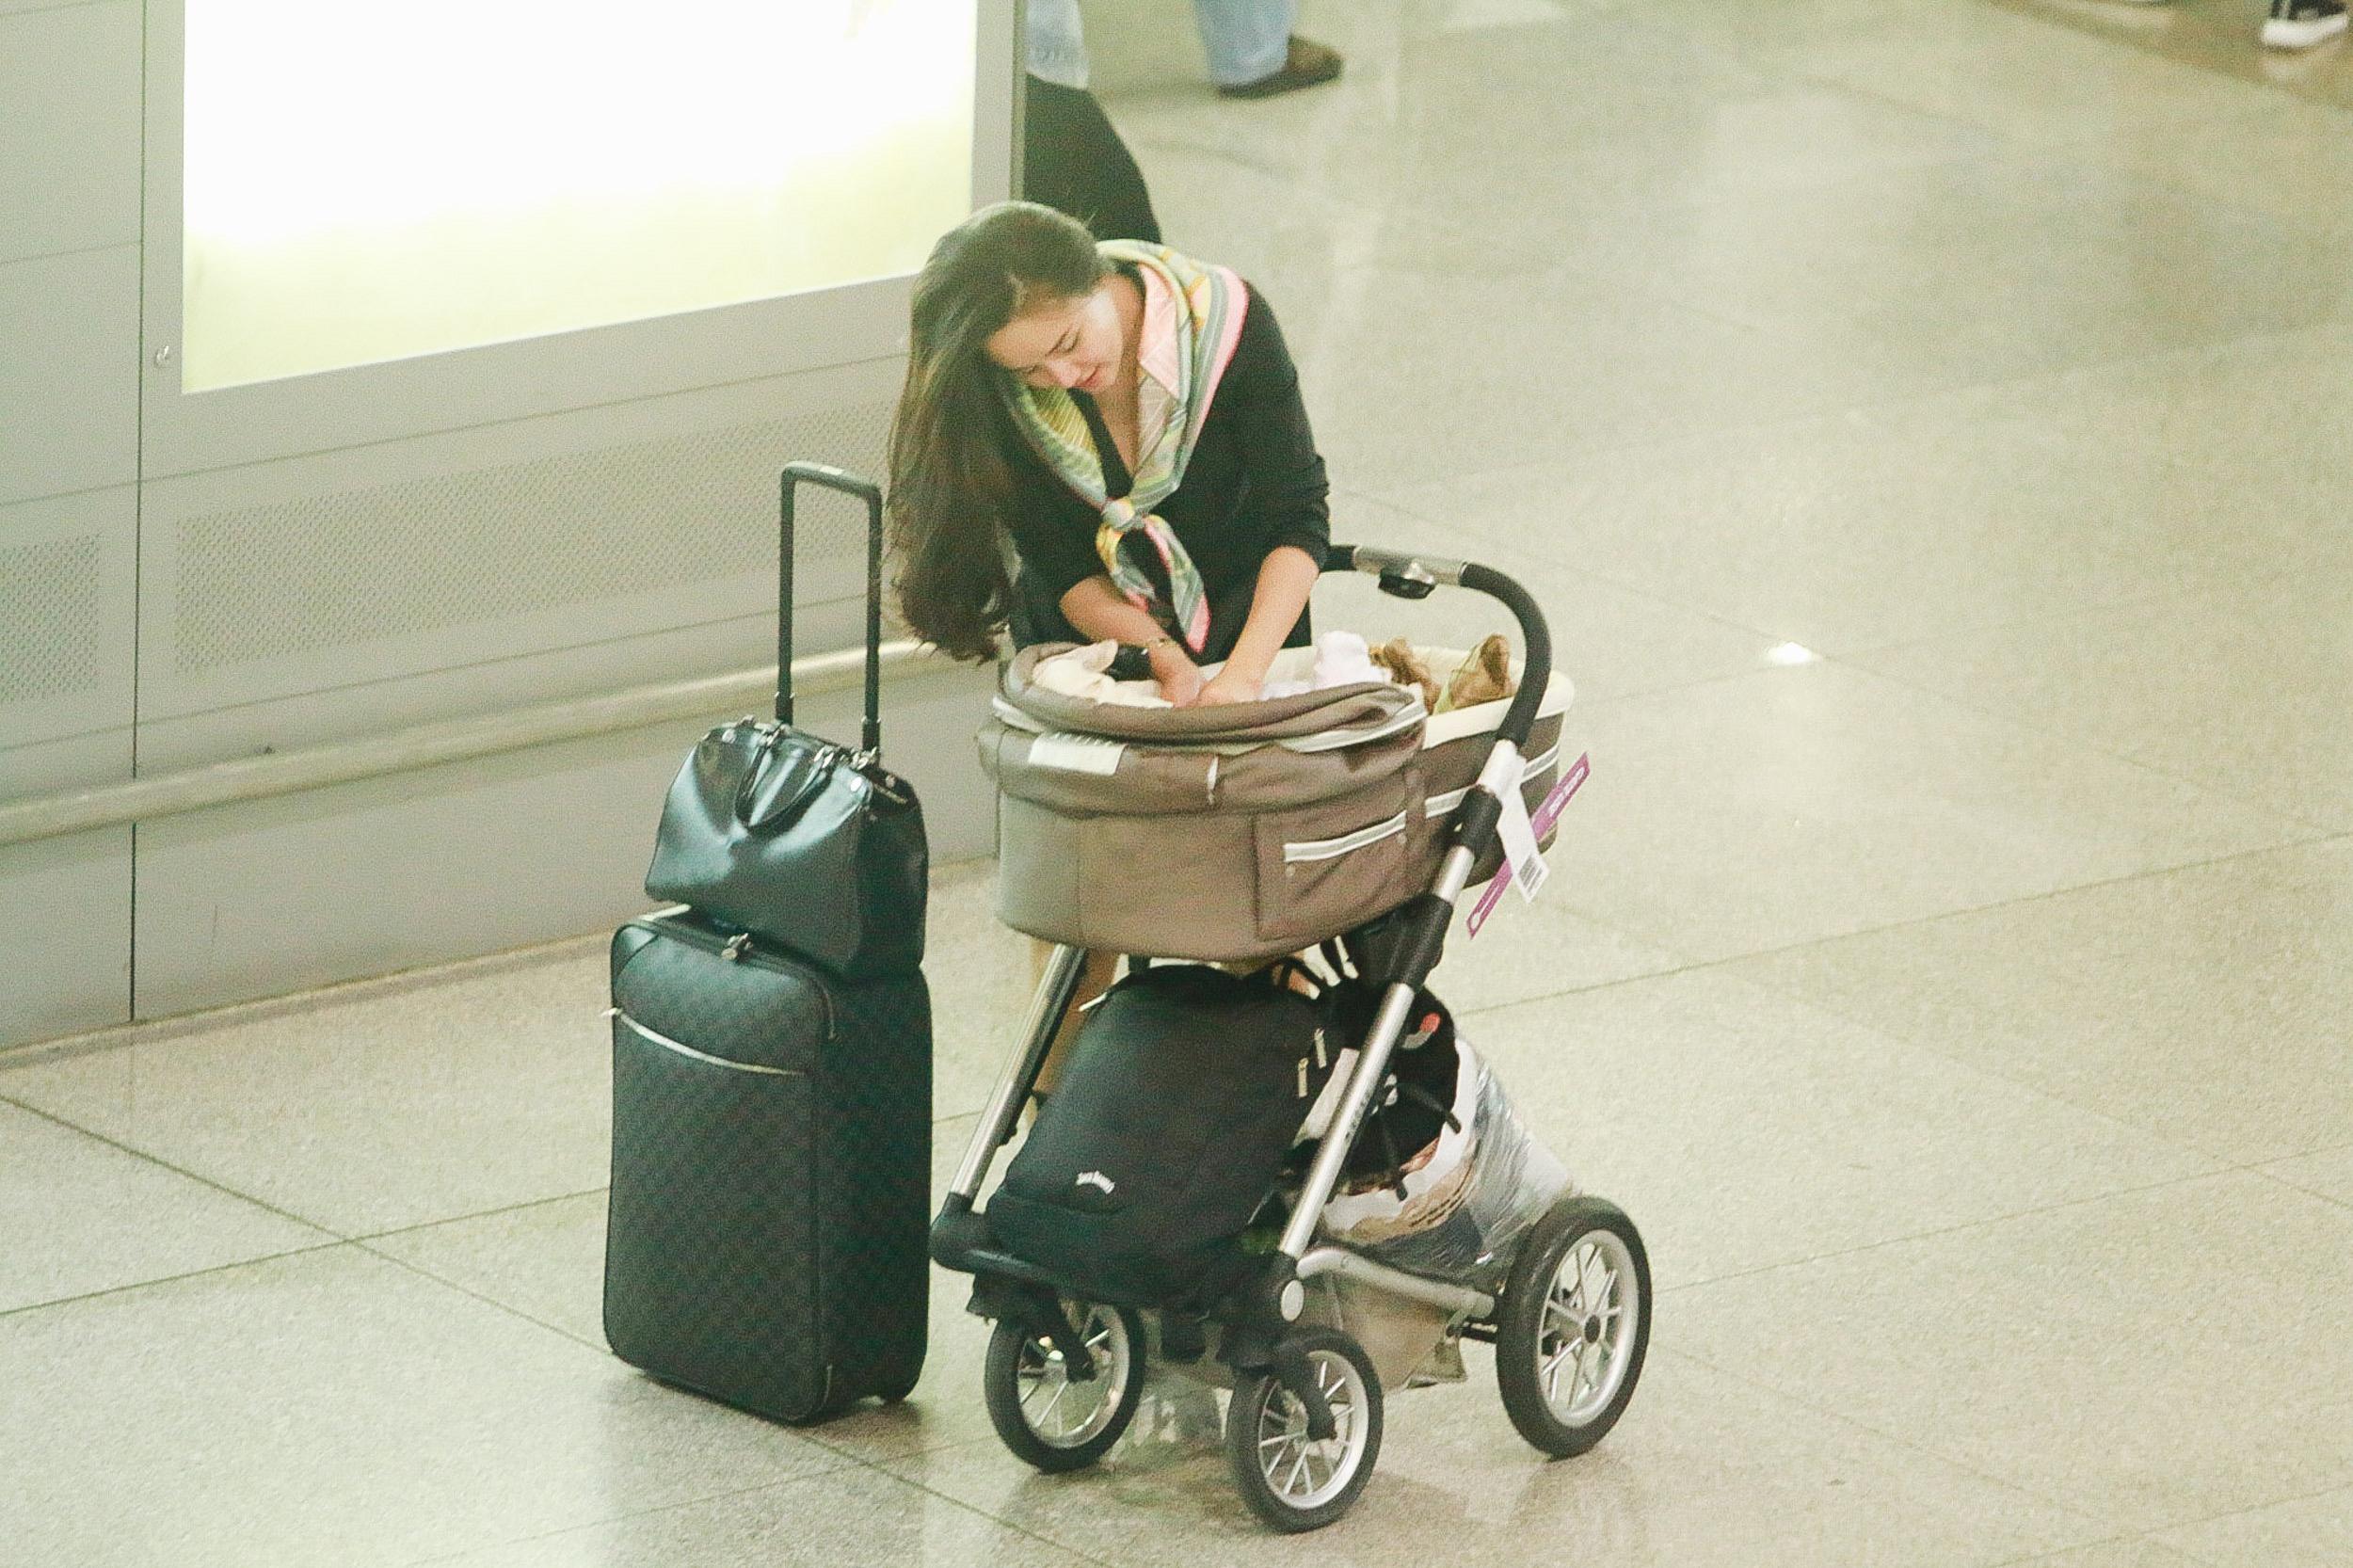 Vy Oanh lần đầu công khai lộ diện với ông xã, cả gia đình cùng trở về từ Mỹ thăm mẹ ốm nặng - Ảnh 6.